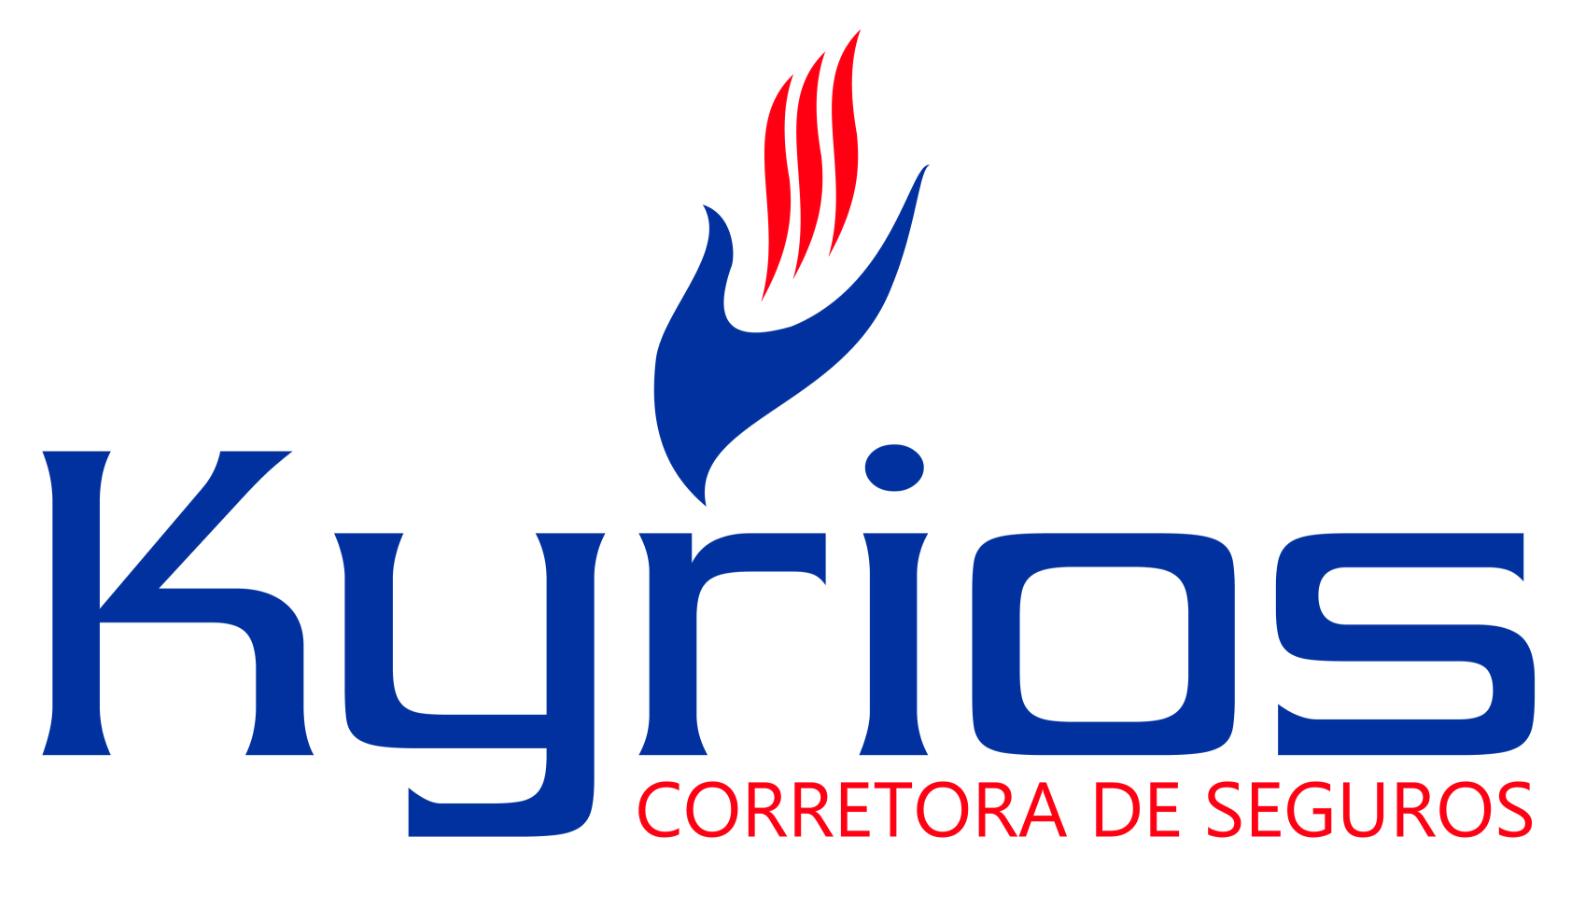 Kyrios Corretora